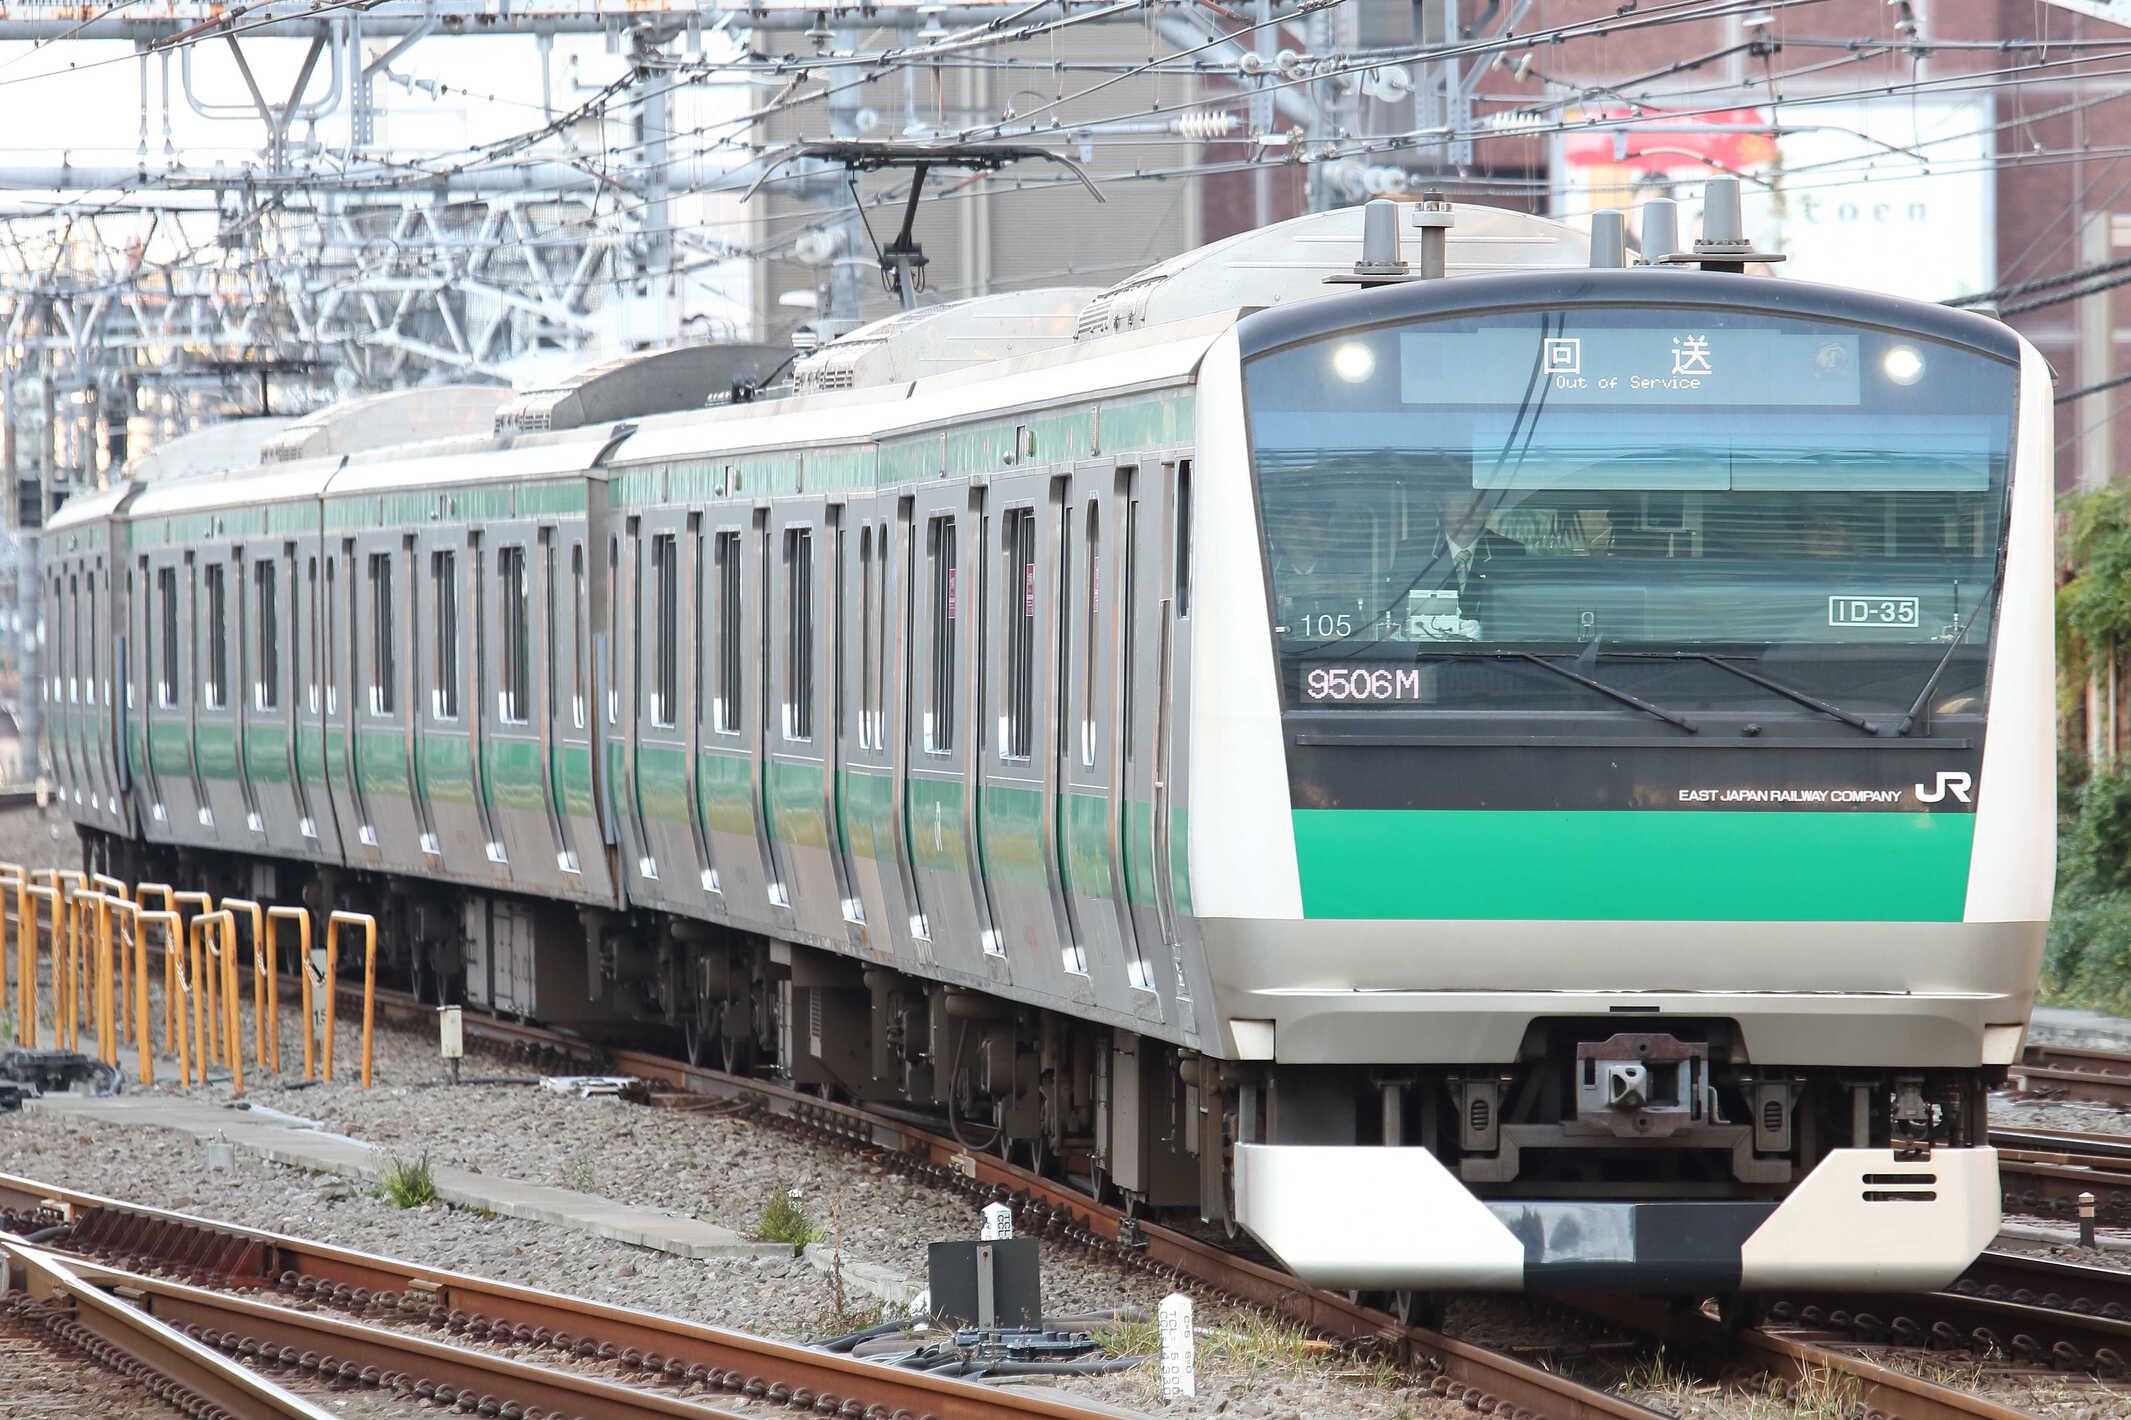 回9506M 板橋駅電留線ハンドル訓練(回送) E233系 宮ハエ105編成